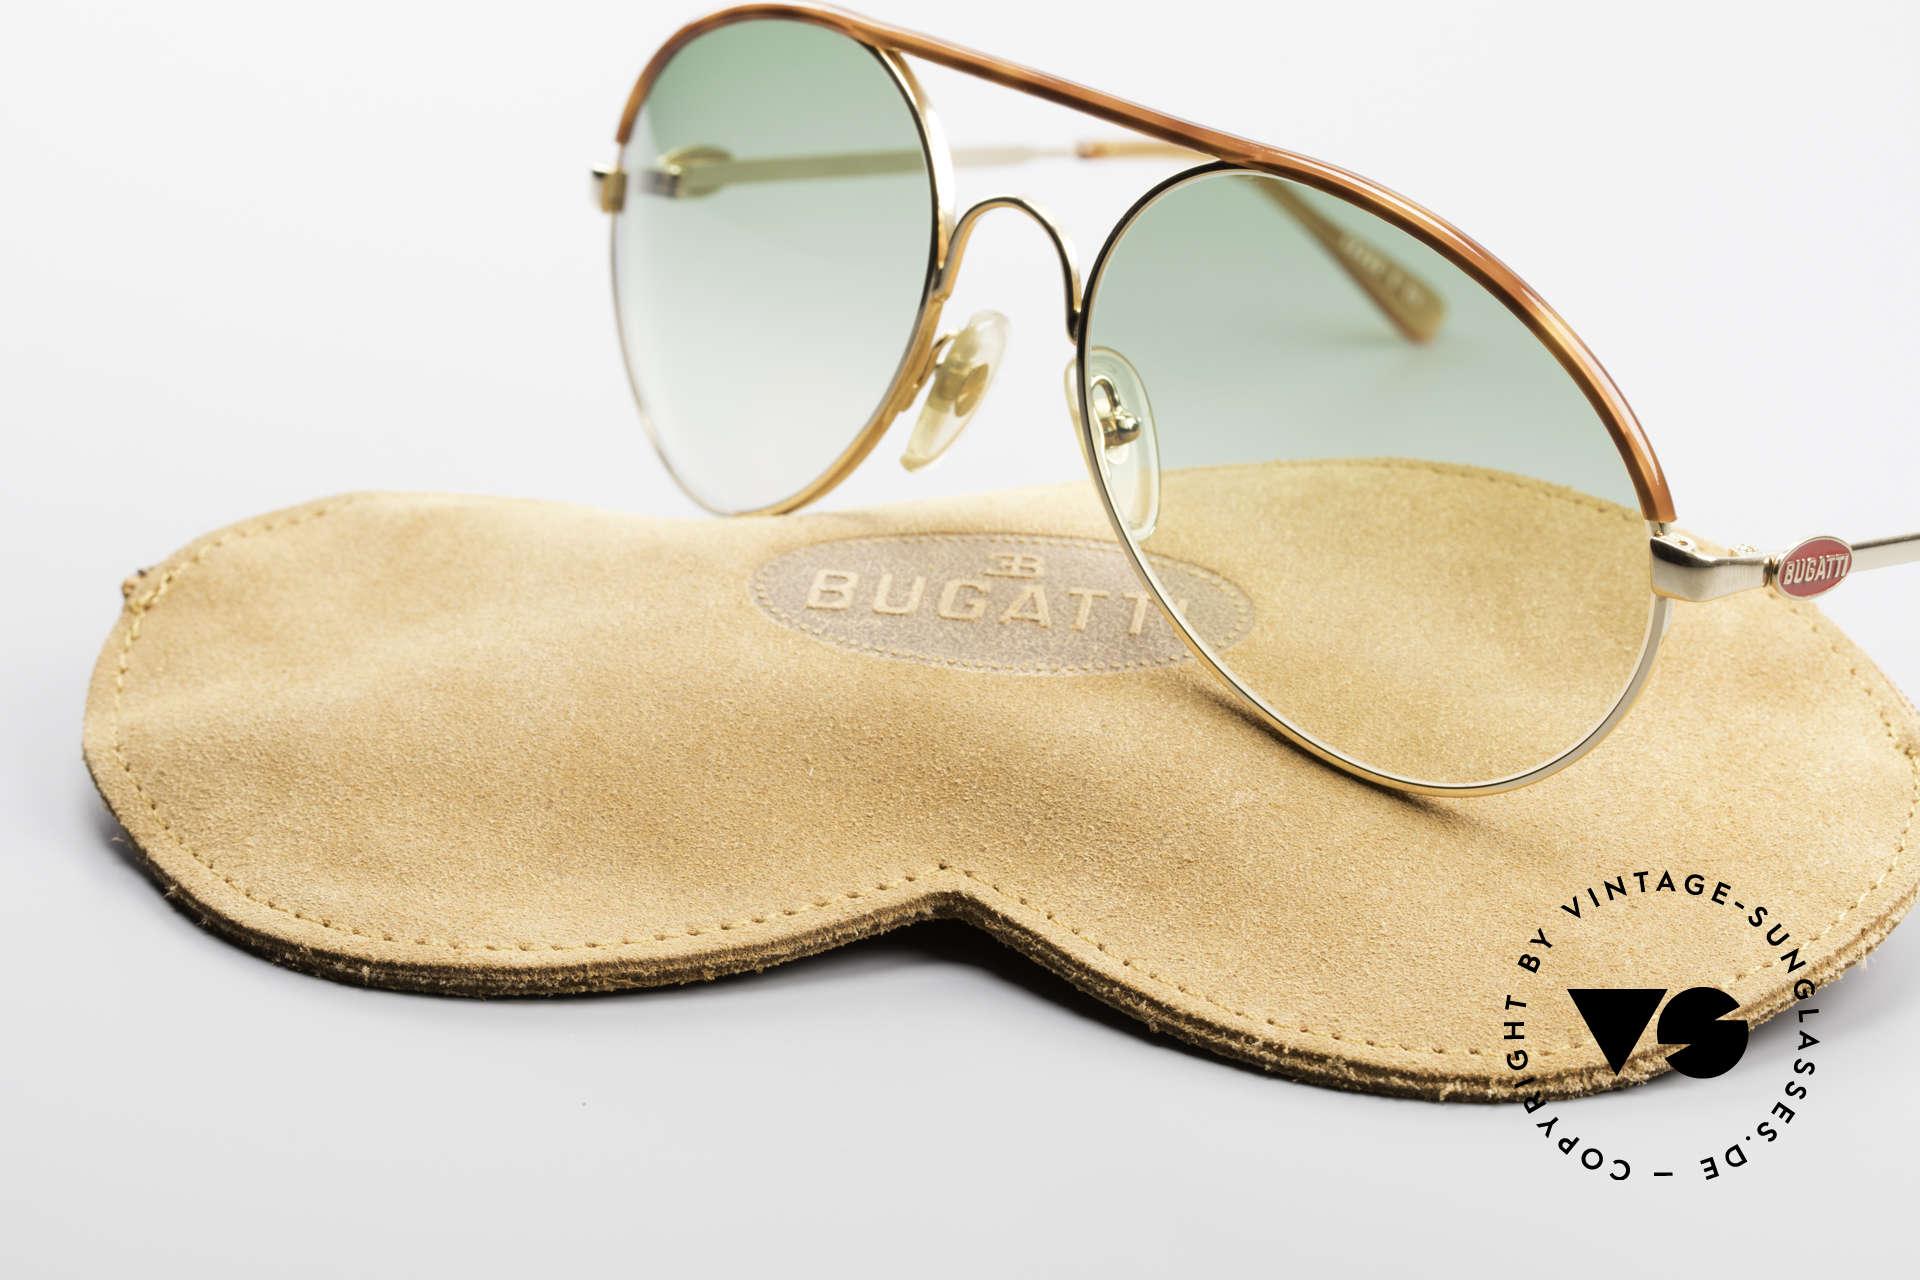 Bugatti 65986 80er Herren XL Sonnenbrille, KEINE Retrobrille; sondern ein altes ORIGINAL, Passend für Herren